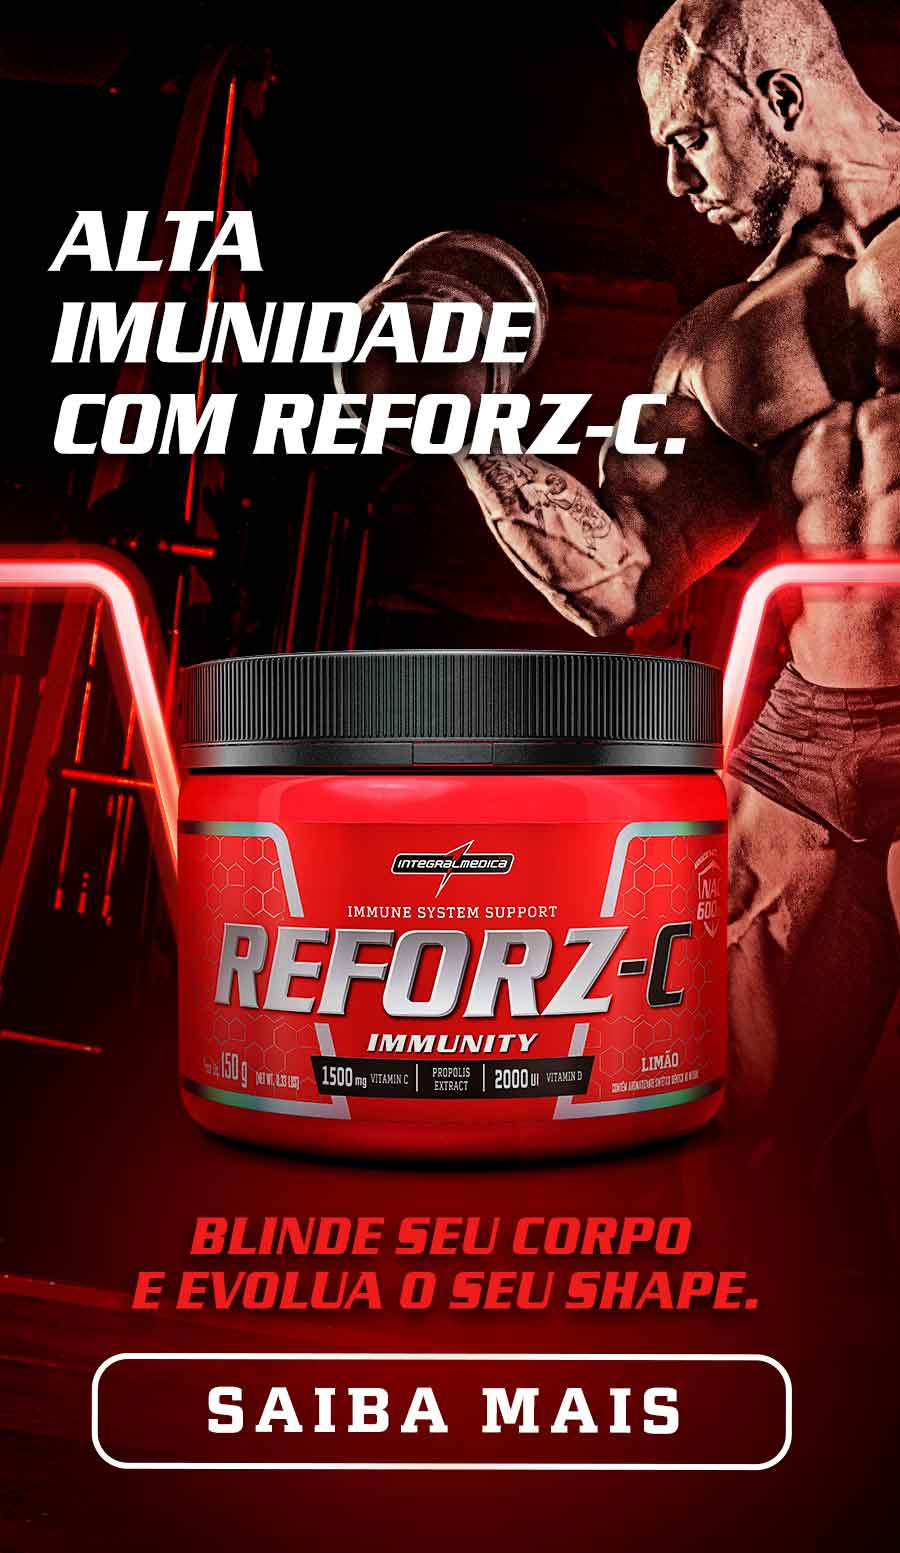 Reforz - C